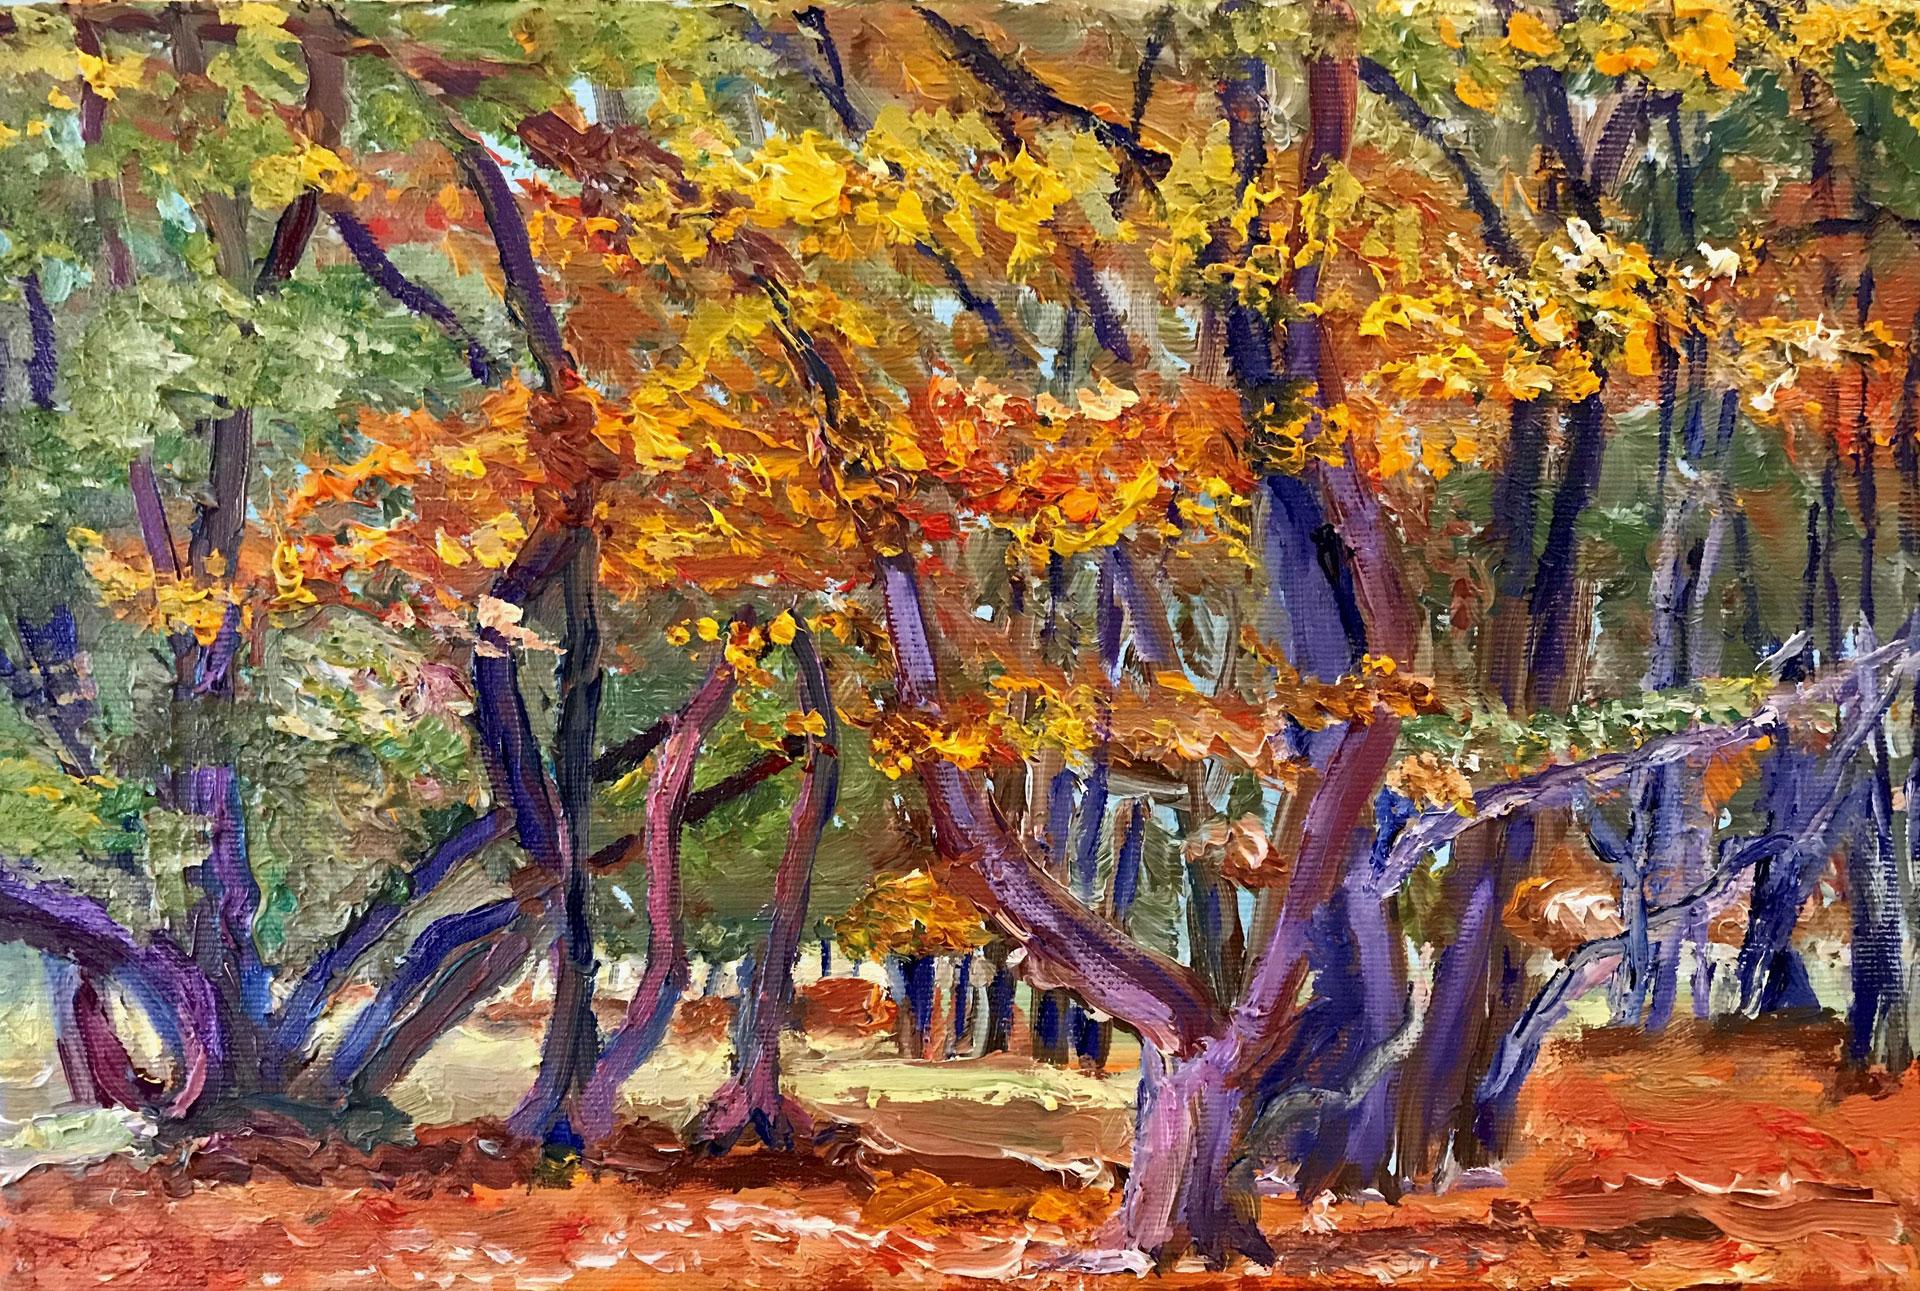 Heumensoord Bomen in de herfst